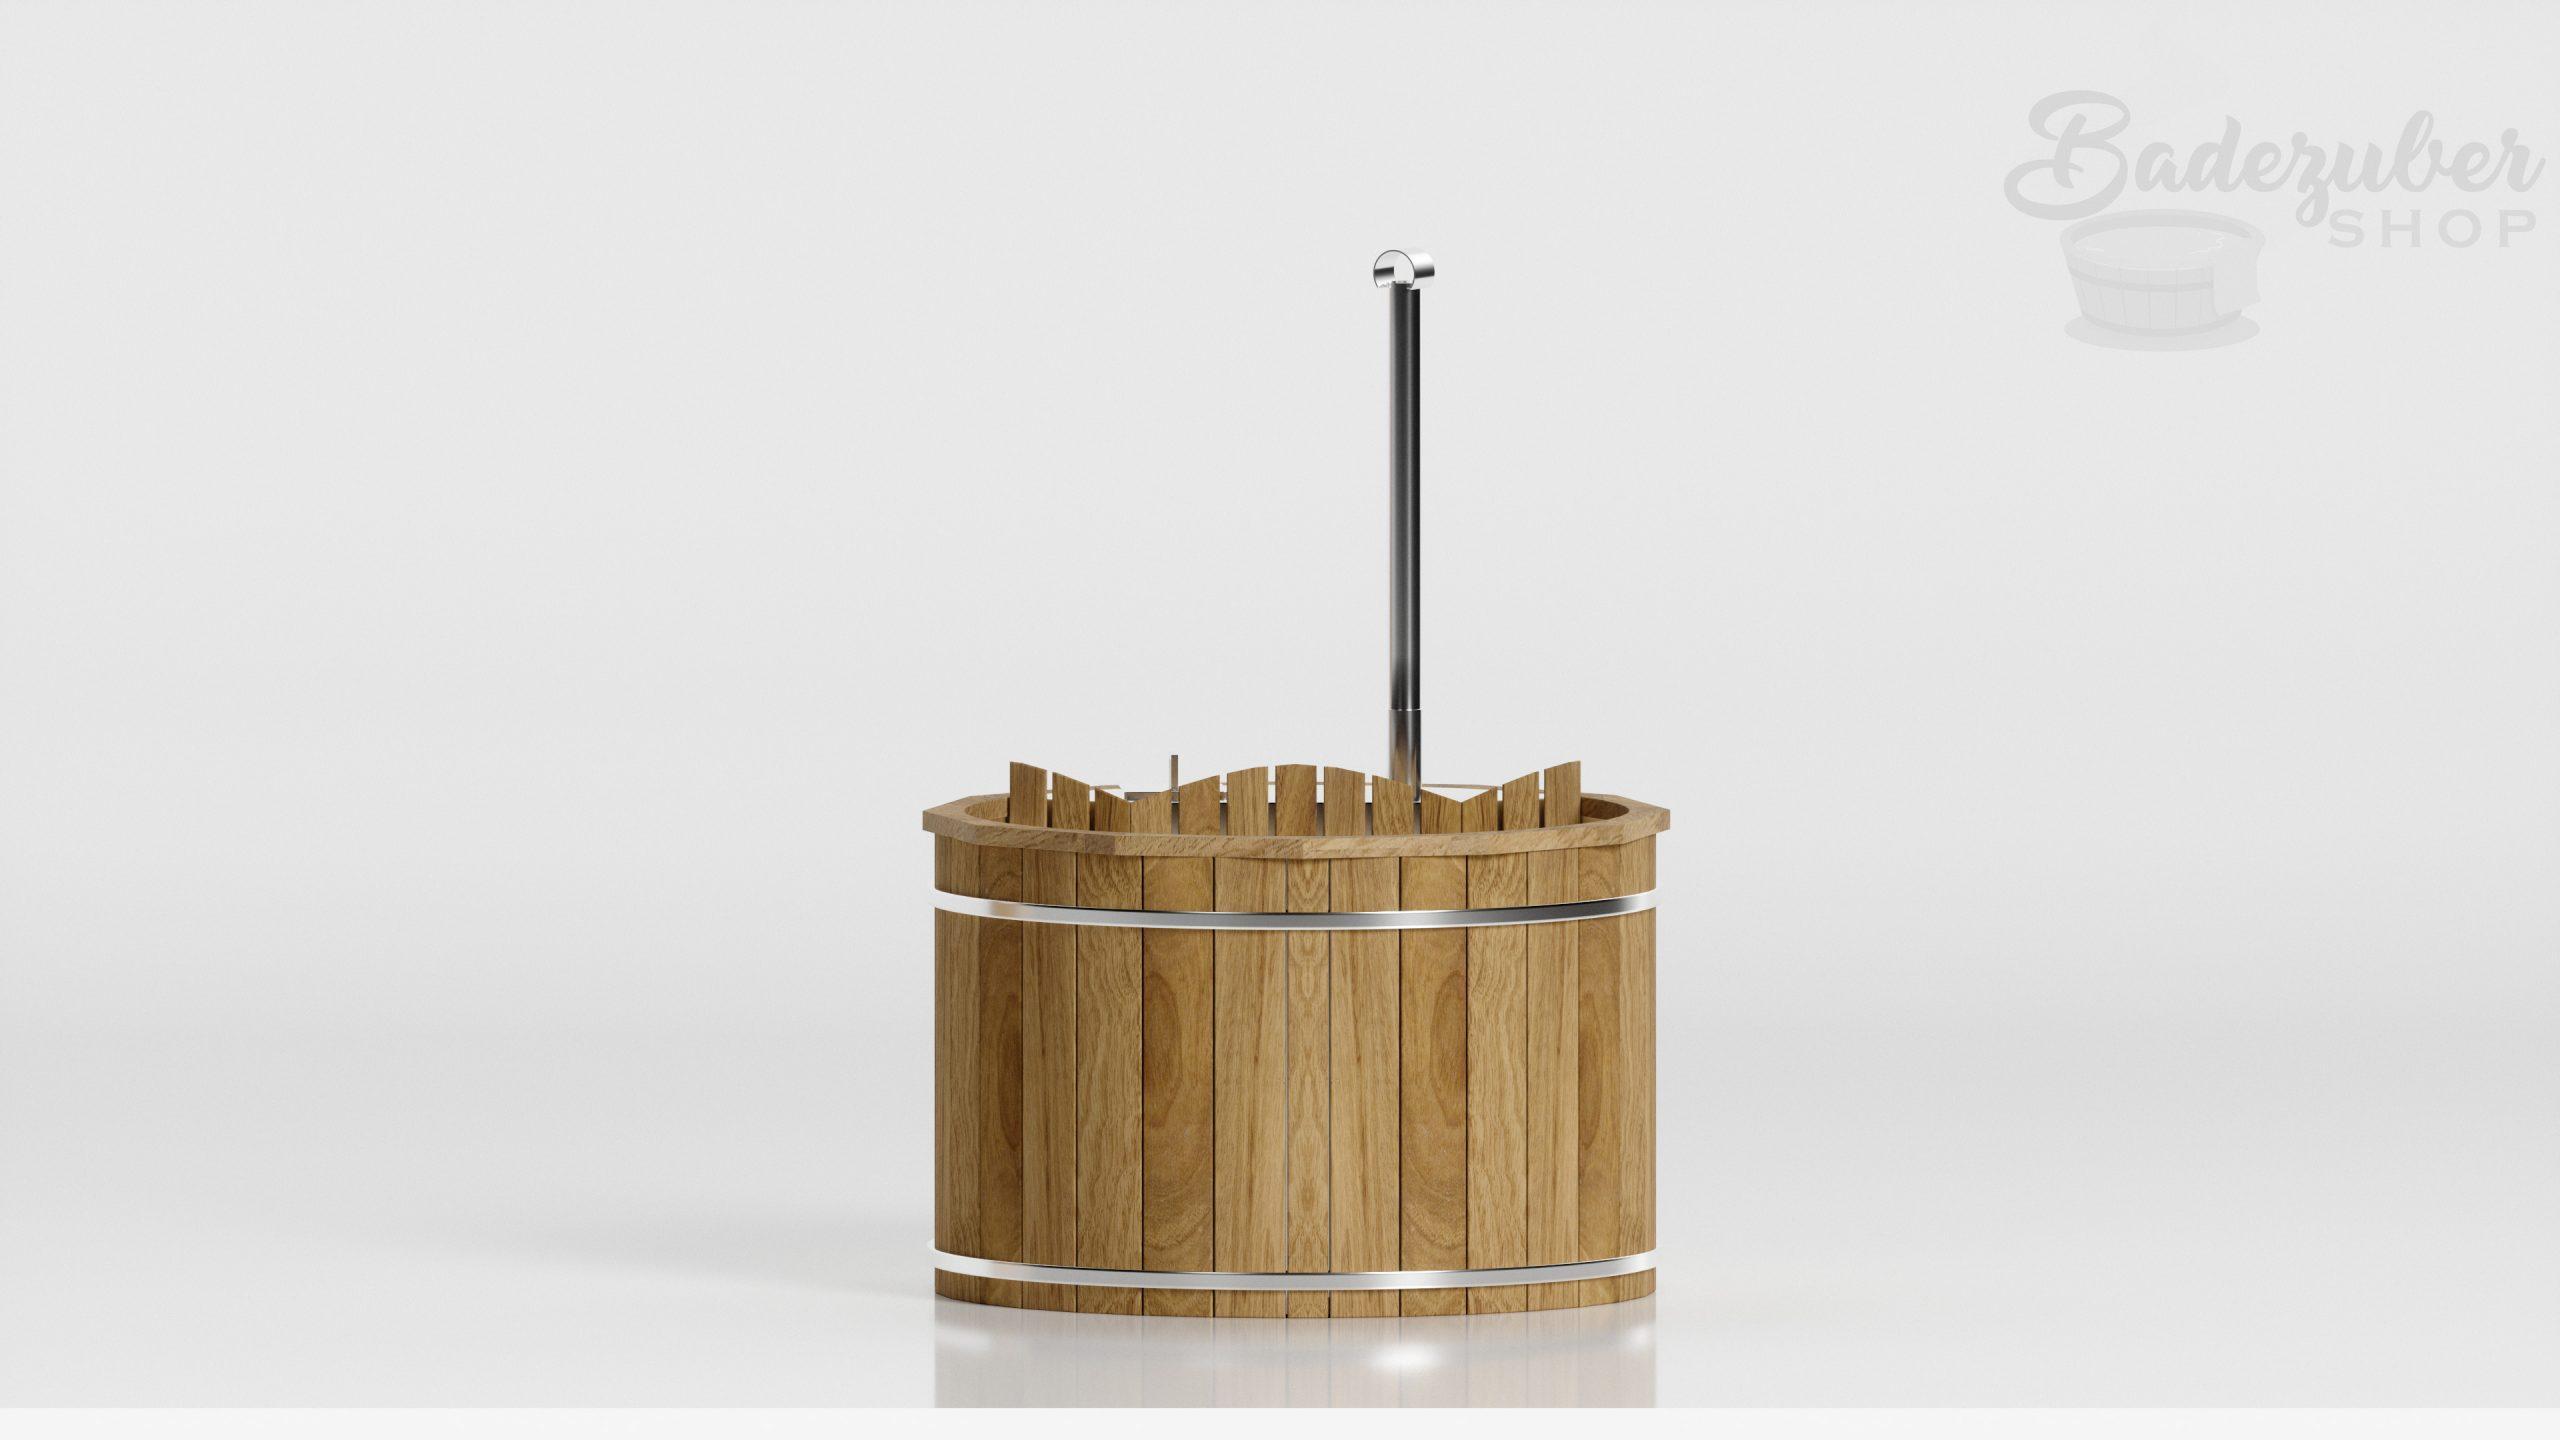 Holz Badefass mit innen Ofen - Produktbild Seitenansicht